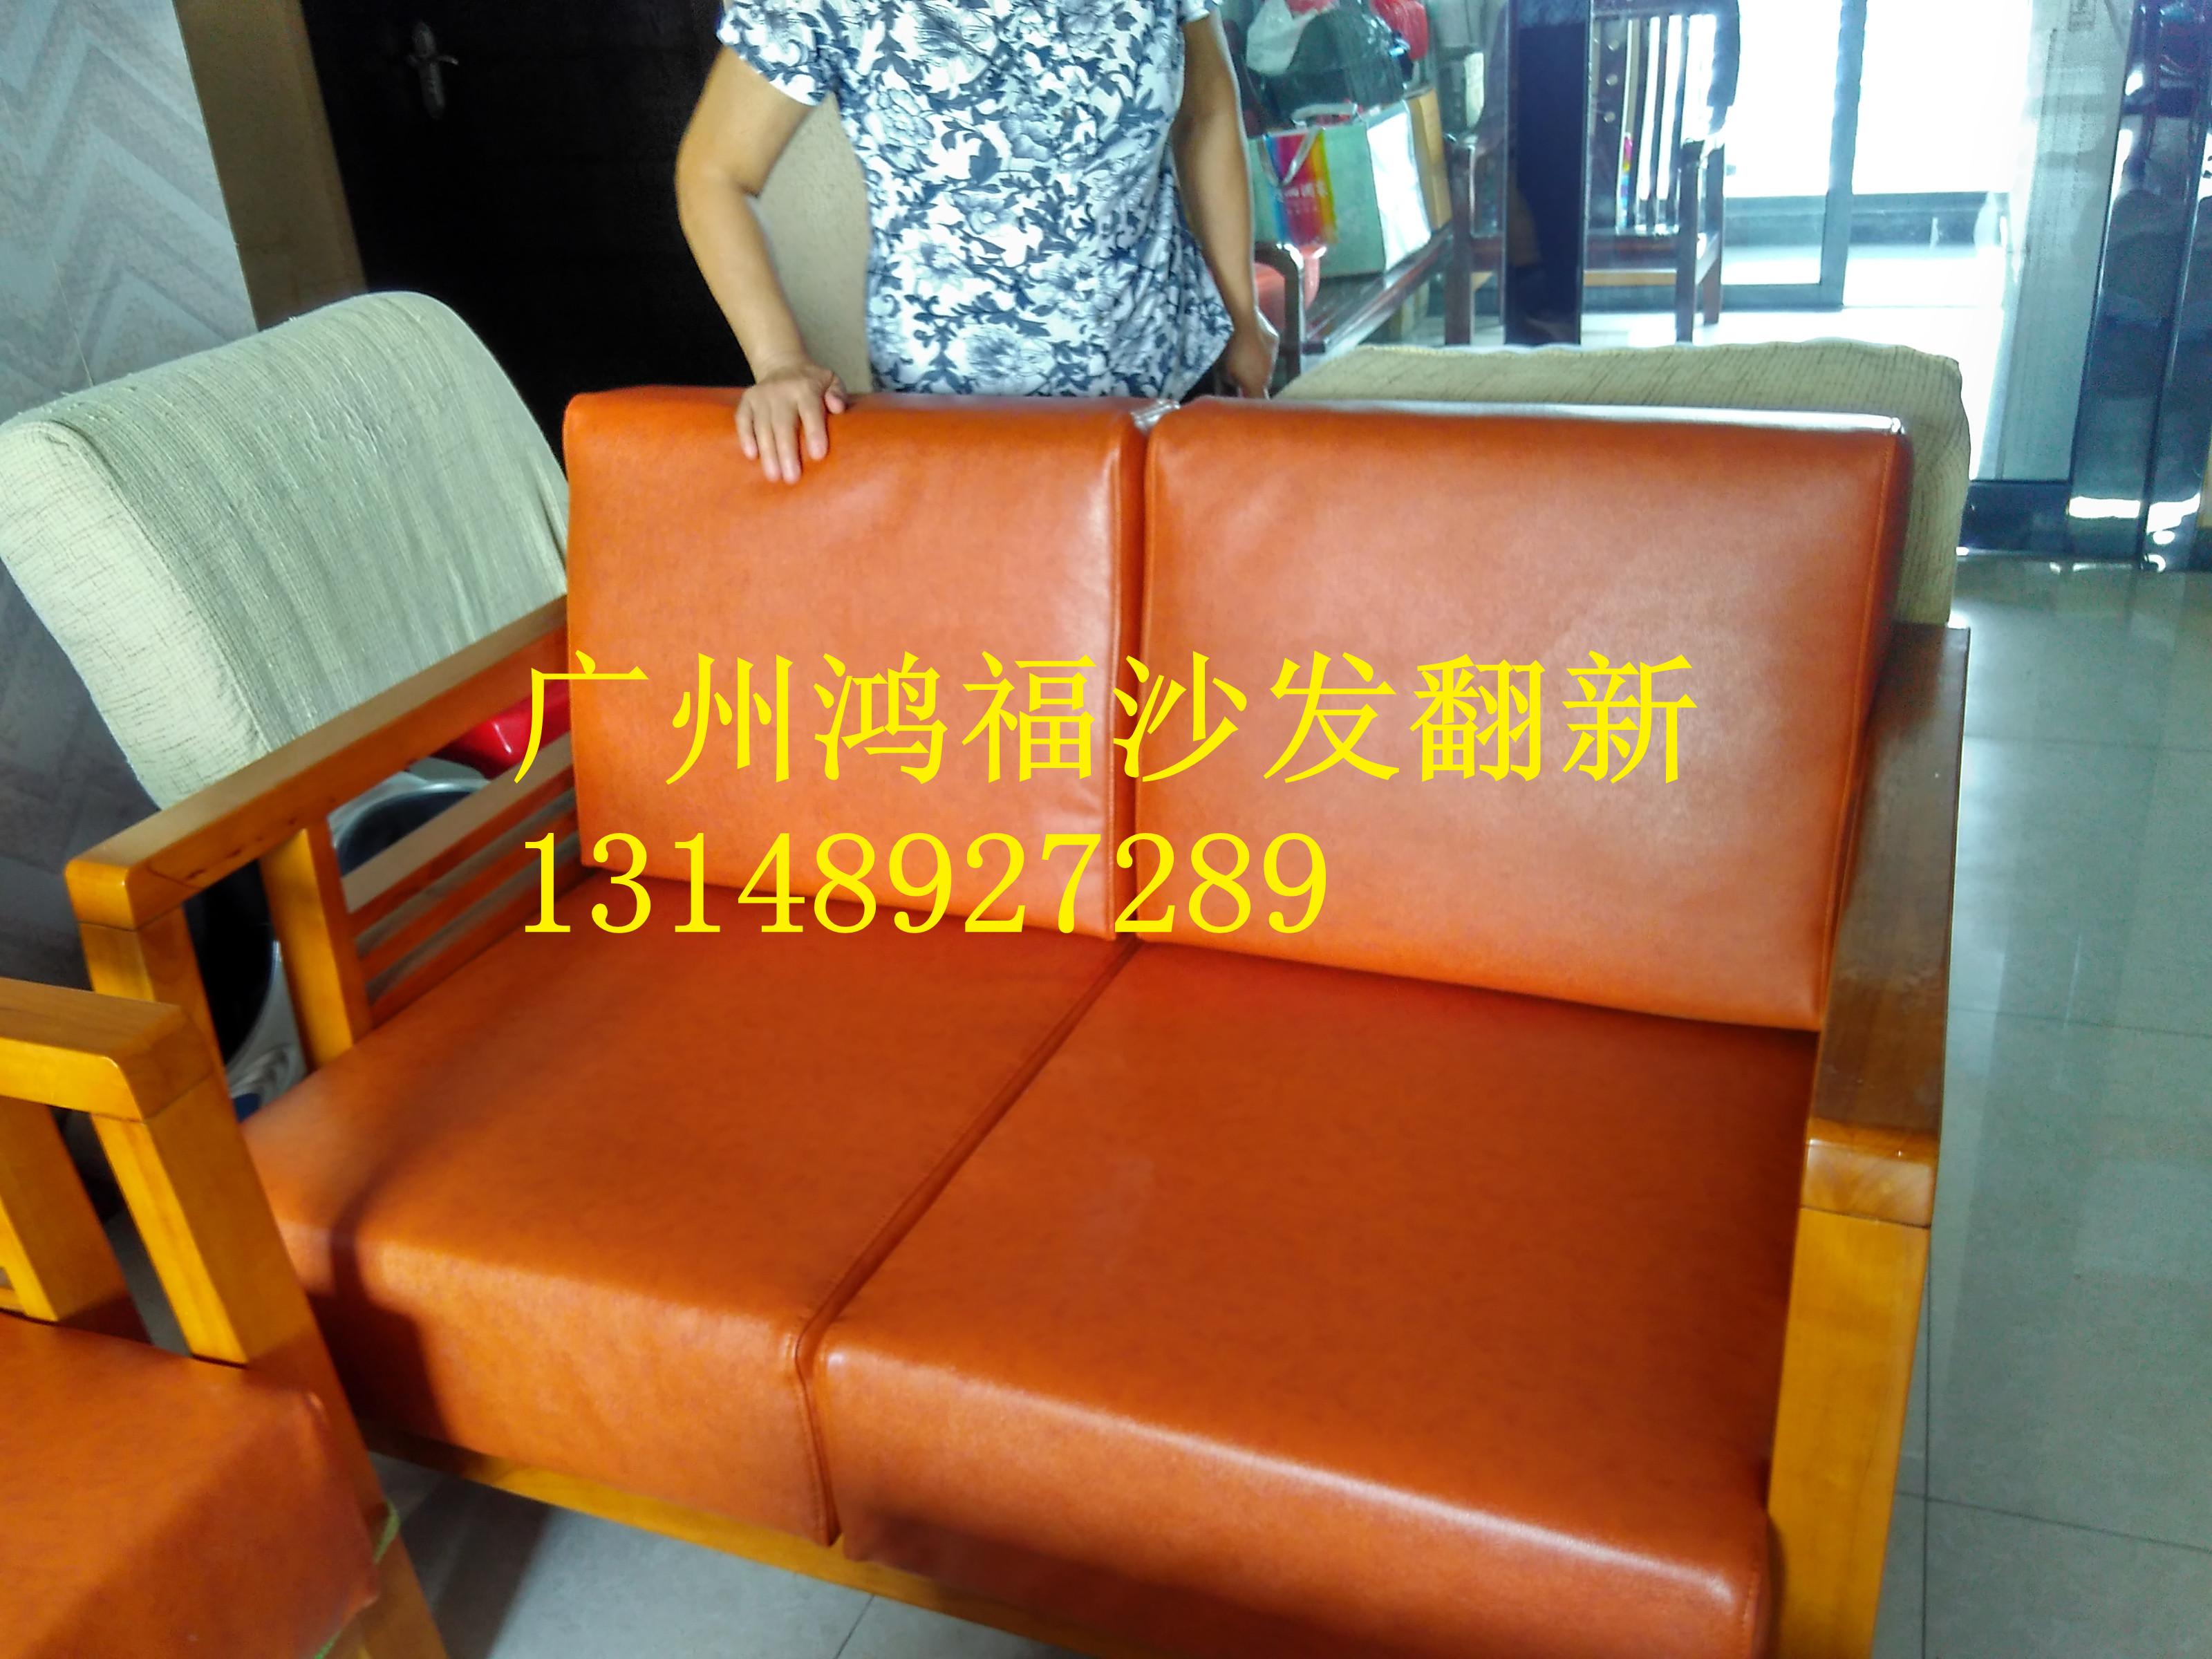 广州荔湾区沙发翻新换皮换布批发